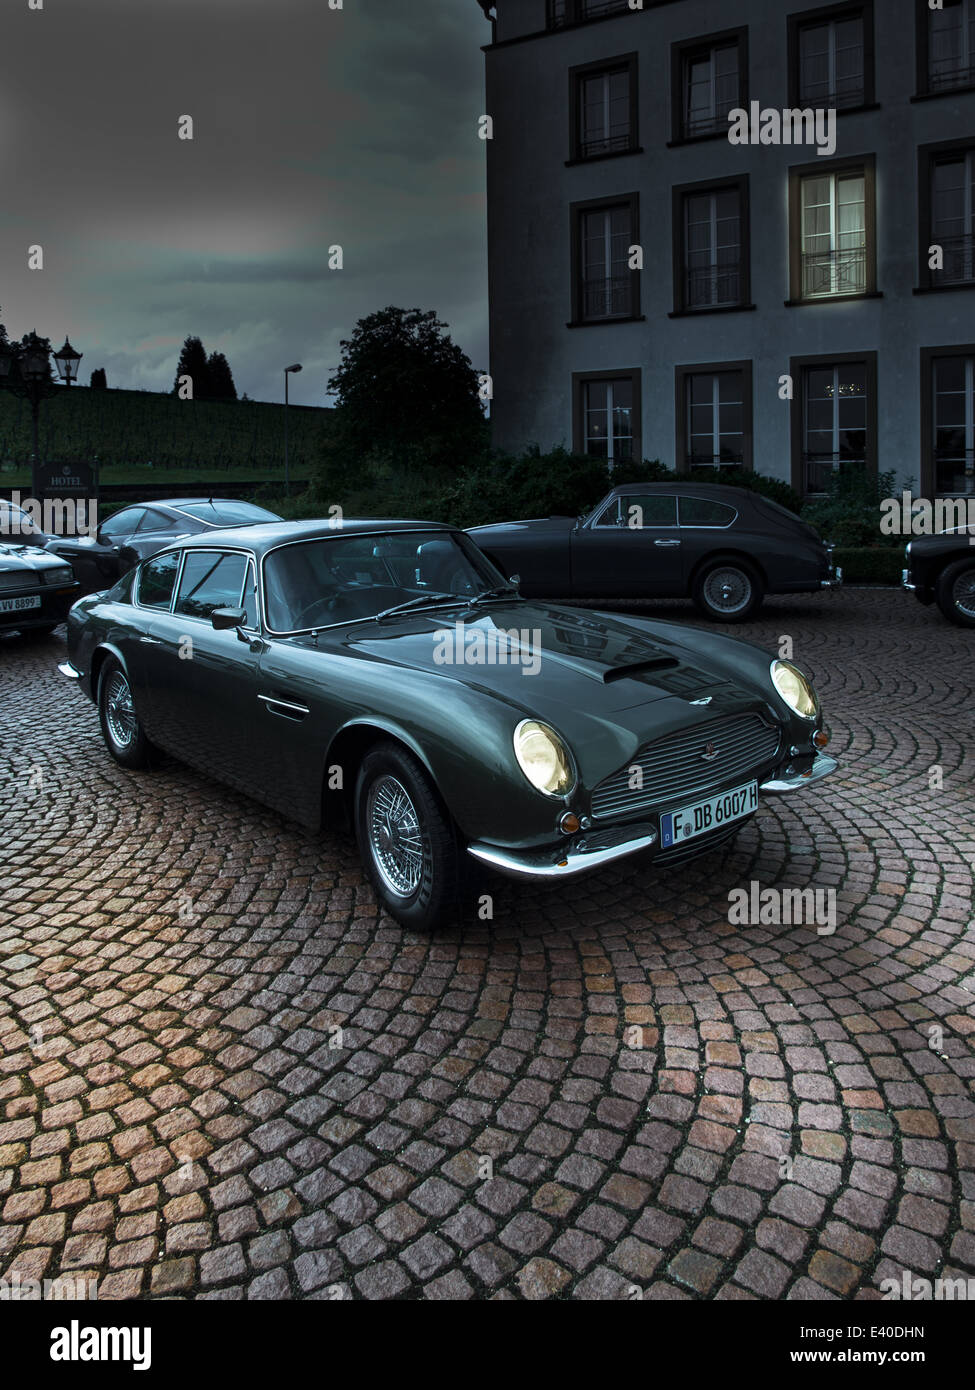 Aston Martin DB 6 Parken mit beleuchteten Scheinwerfern Stockbild